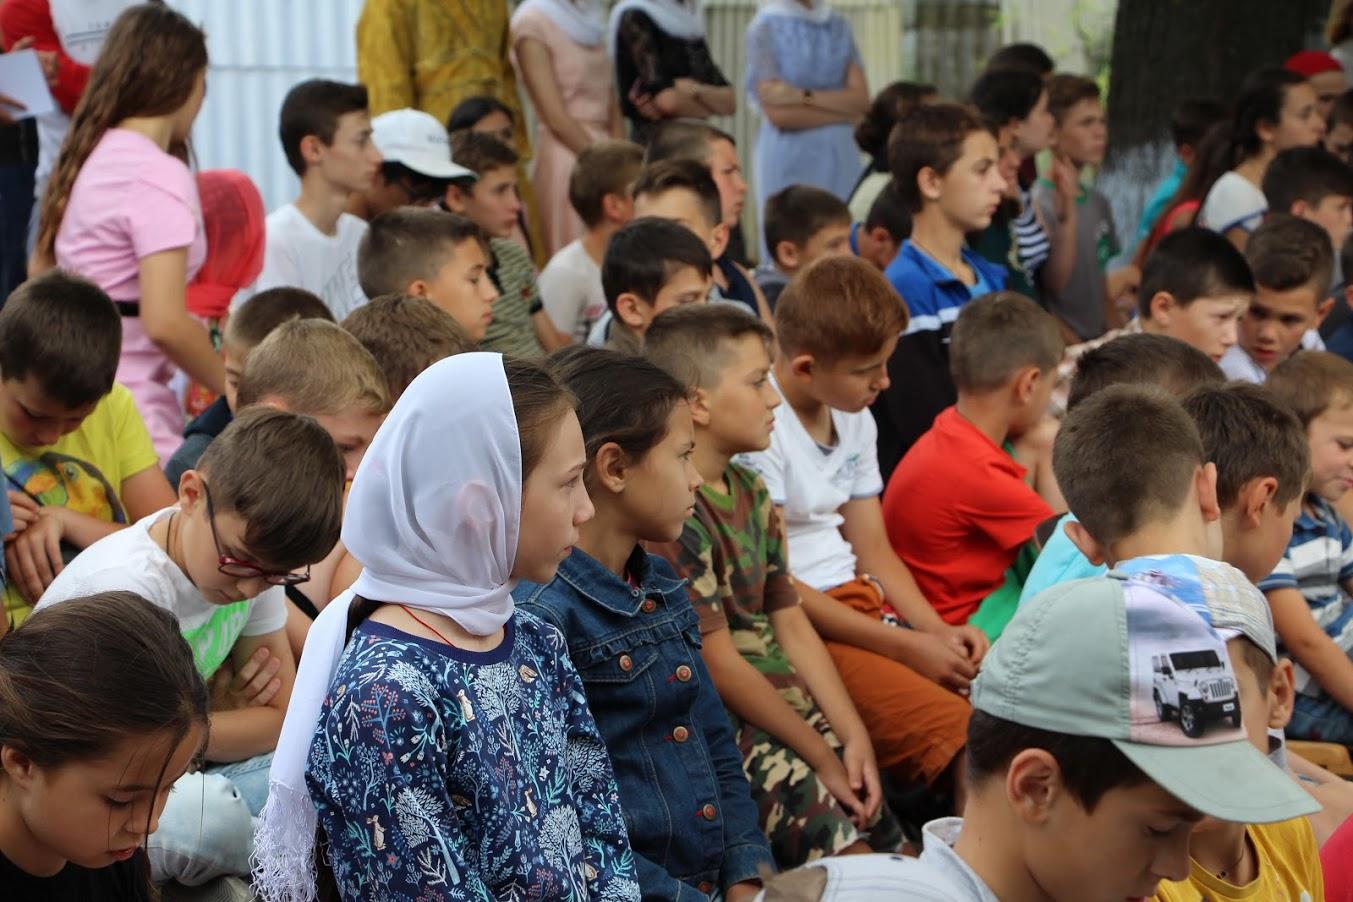 (ВИДЕО) Незабываемые эпизоды из жизни православного лагеря